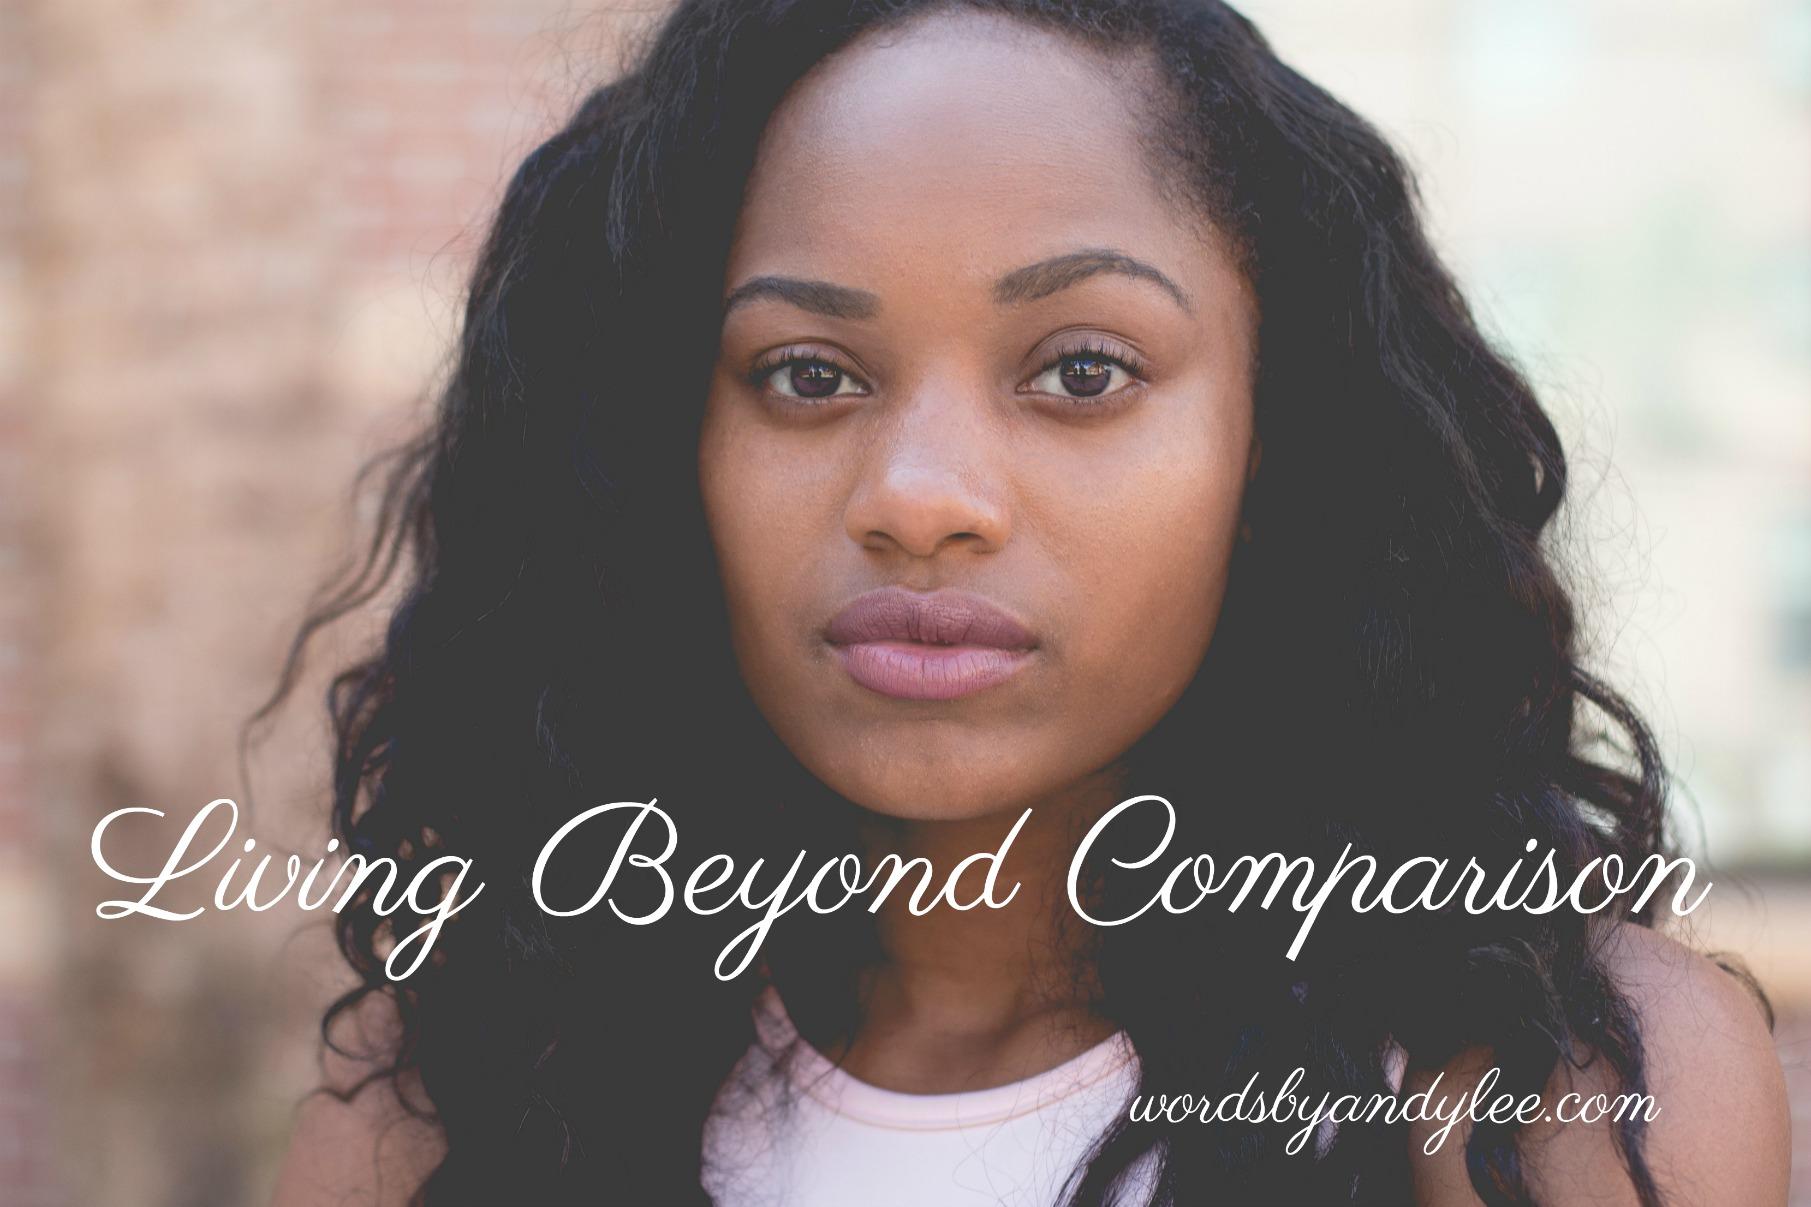 Live Beyond the Comparison Trap